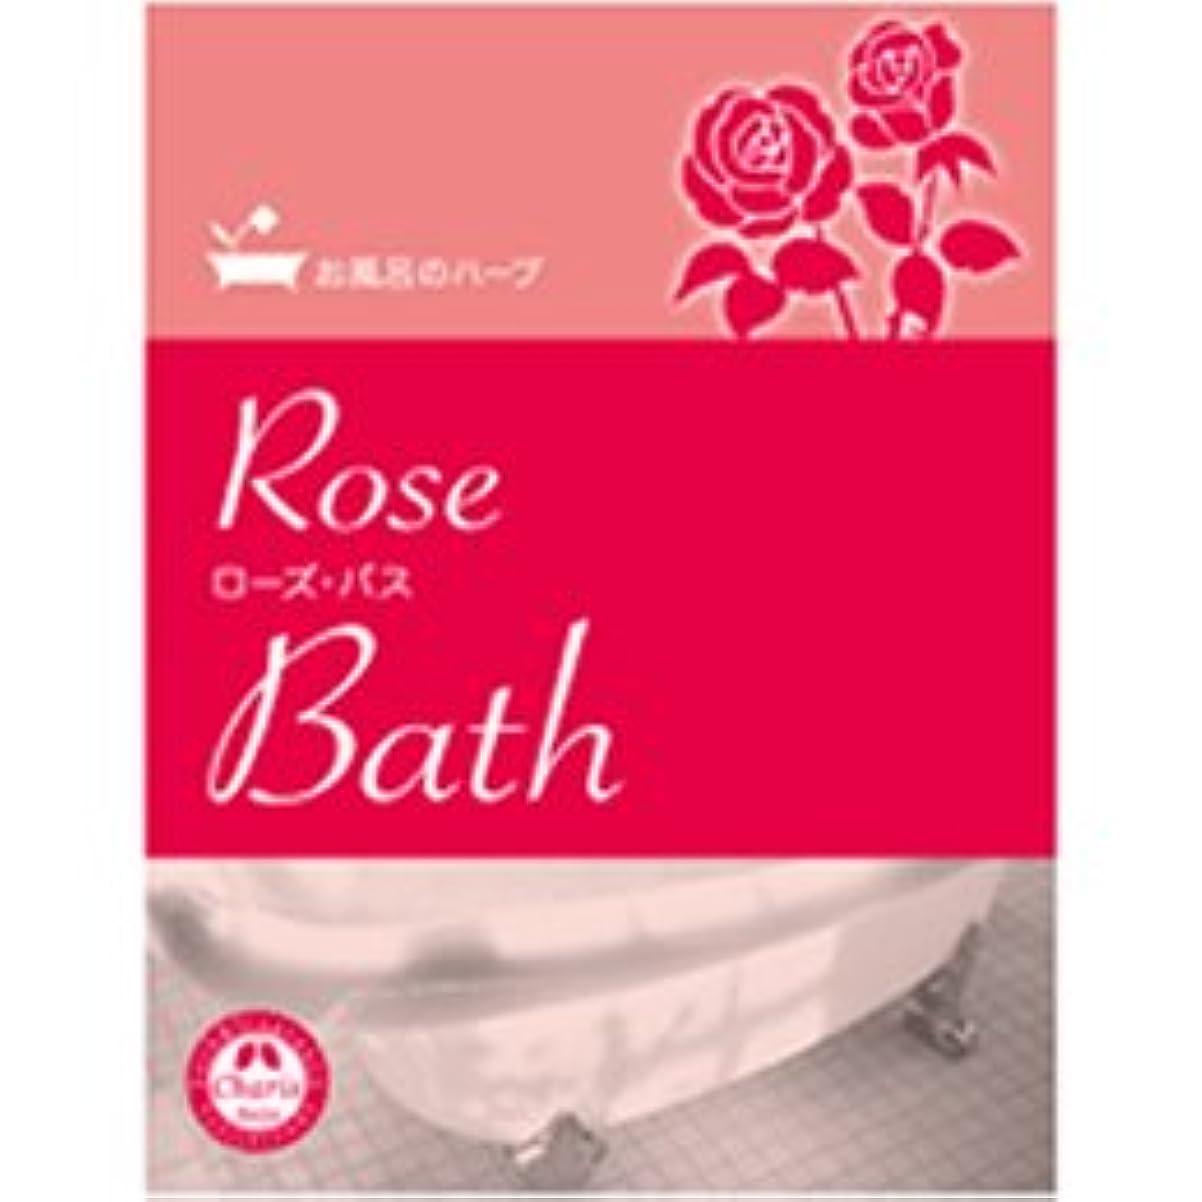 ブレース記事フィドルカリス成城 お風呂のハーブ ローズ